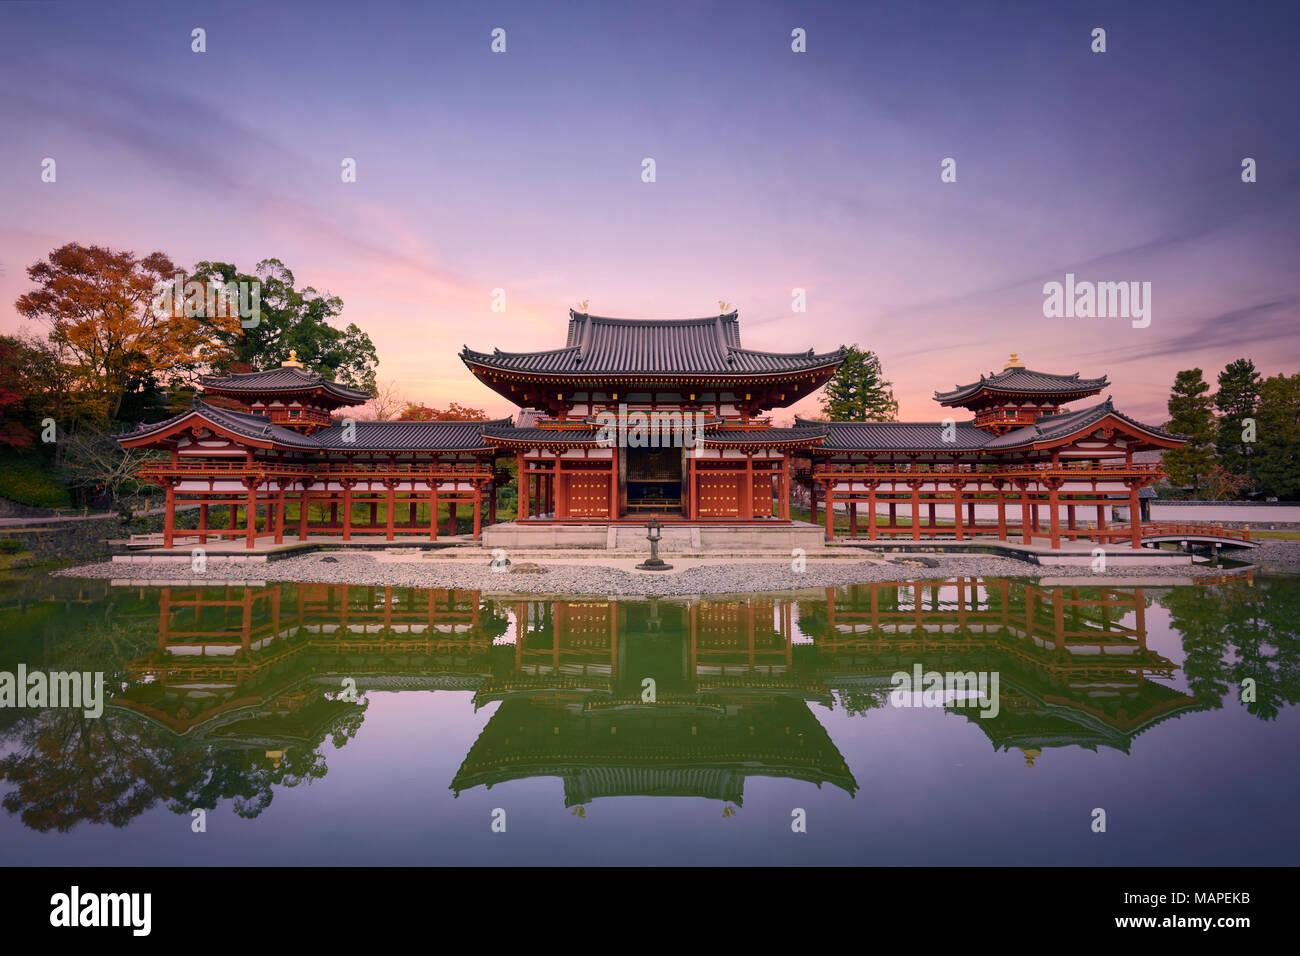 Beau coucher de soleil paisible décor du hall d'Amida ou Phoenix Byodoin Byodo-in, temple bouddhiste Japonais se reflétant dans les eaux calmes de JOD Photo Stock